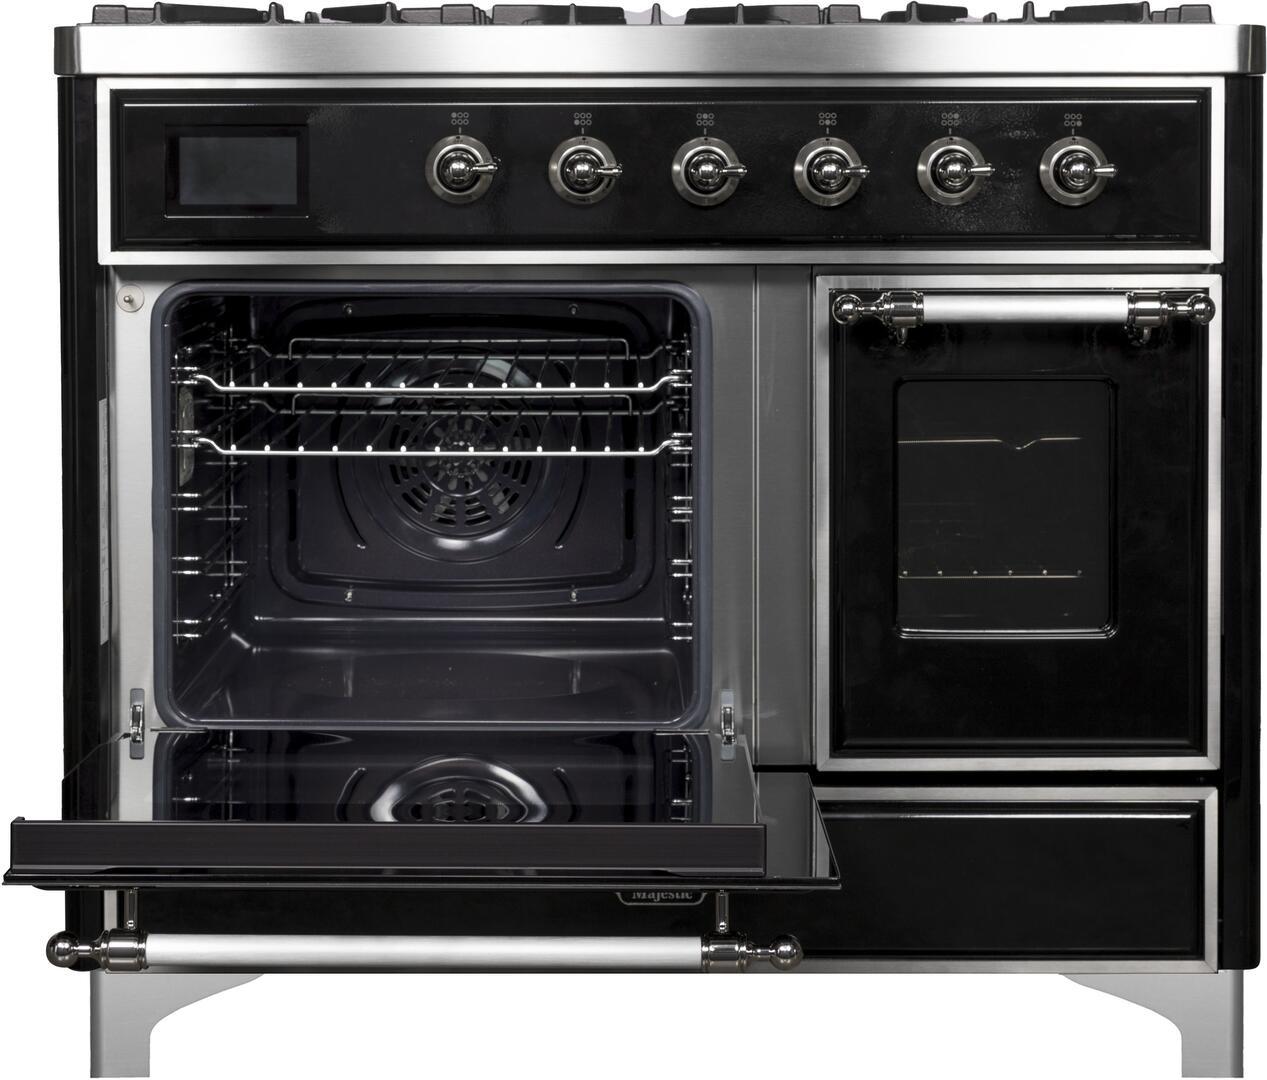 Ilve Majestic II UMD10FDNS3BKC Freestanding Dual Fuel Range Black, UMD10FDNS3BKC Main Oven Door Opened